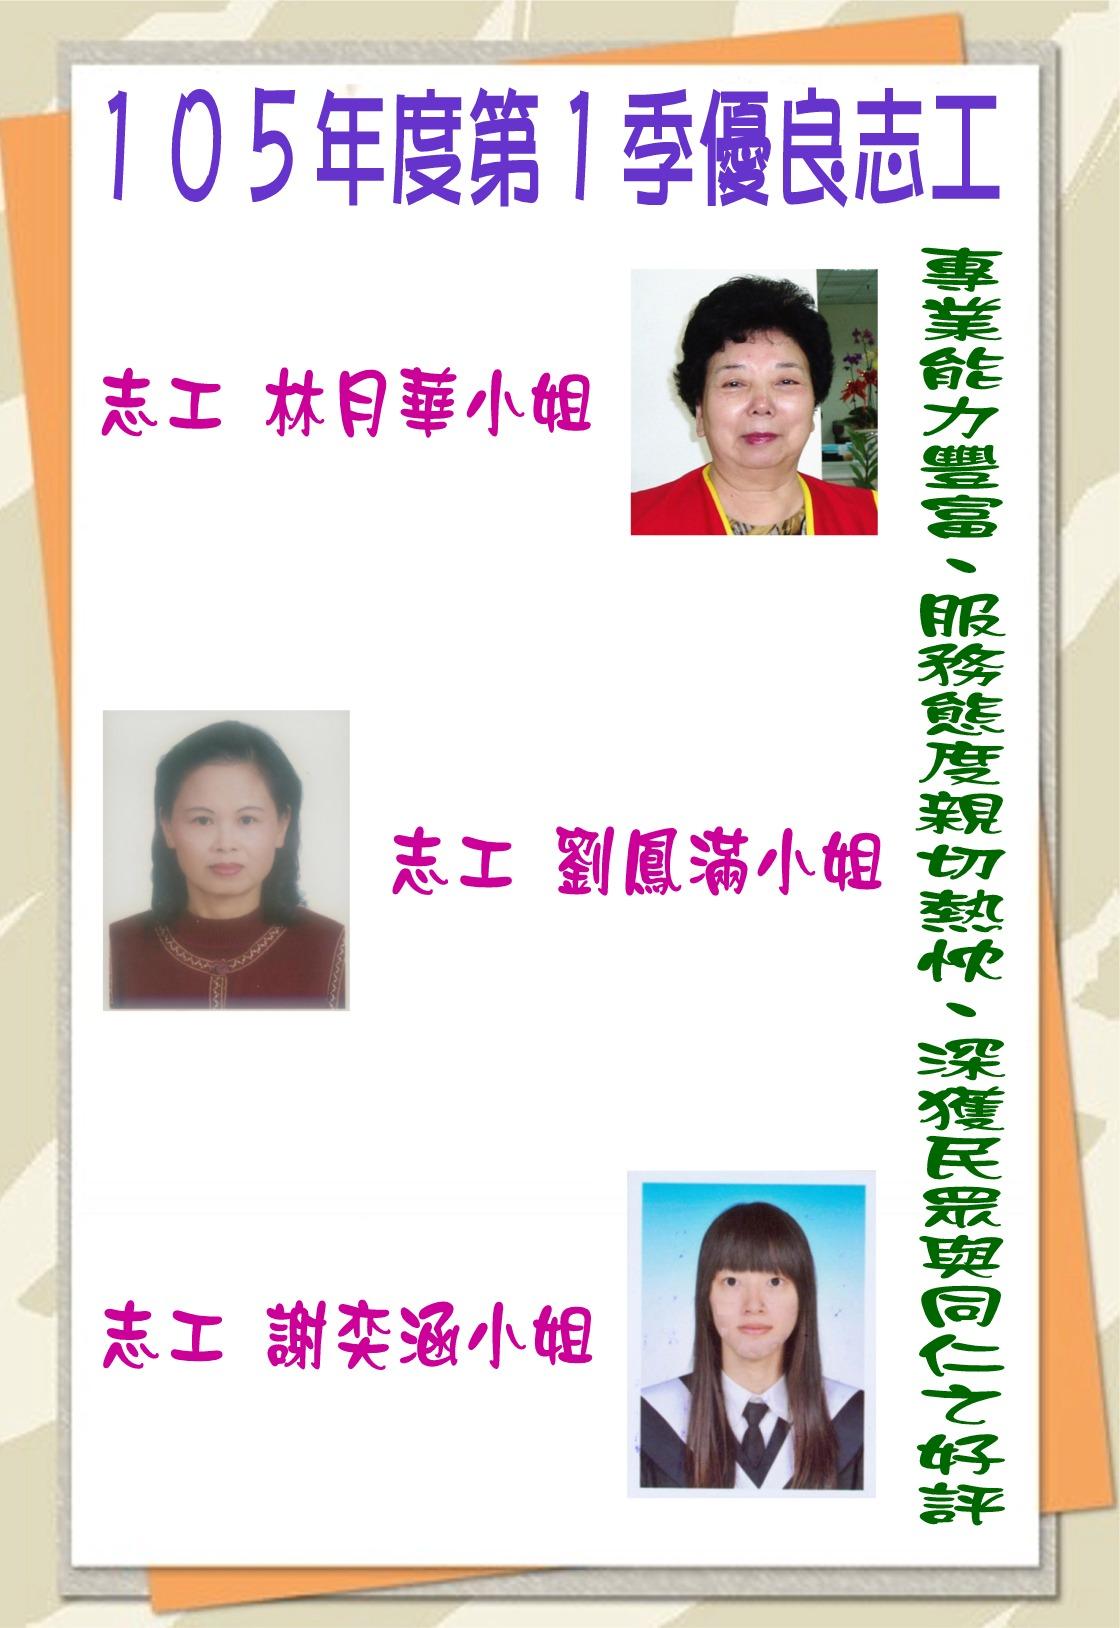 105年第1季志工績優人員─林月華小姐、劉鳳滿小姐、謝奕涵小姐